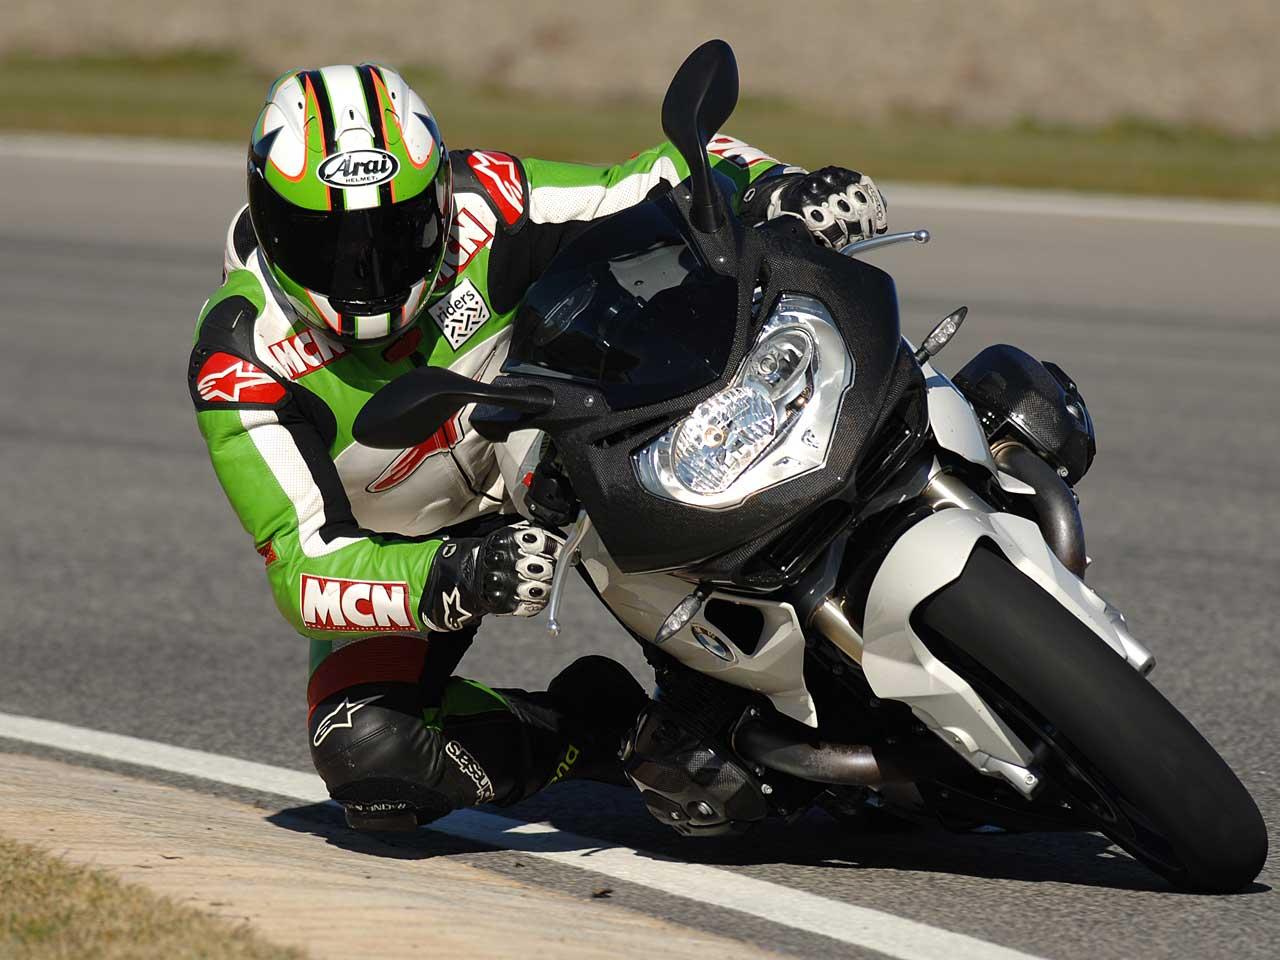 Sportske slike - Page 3 2008_BMW_HP2_Sport_Action3